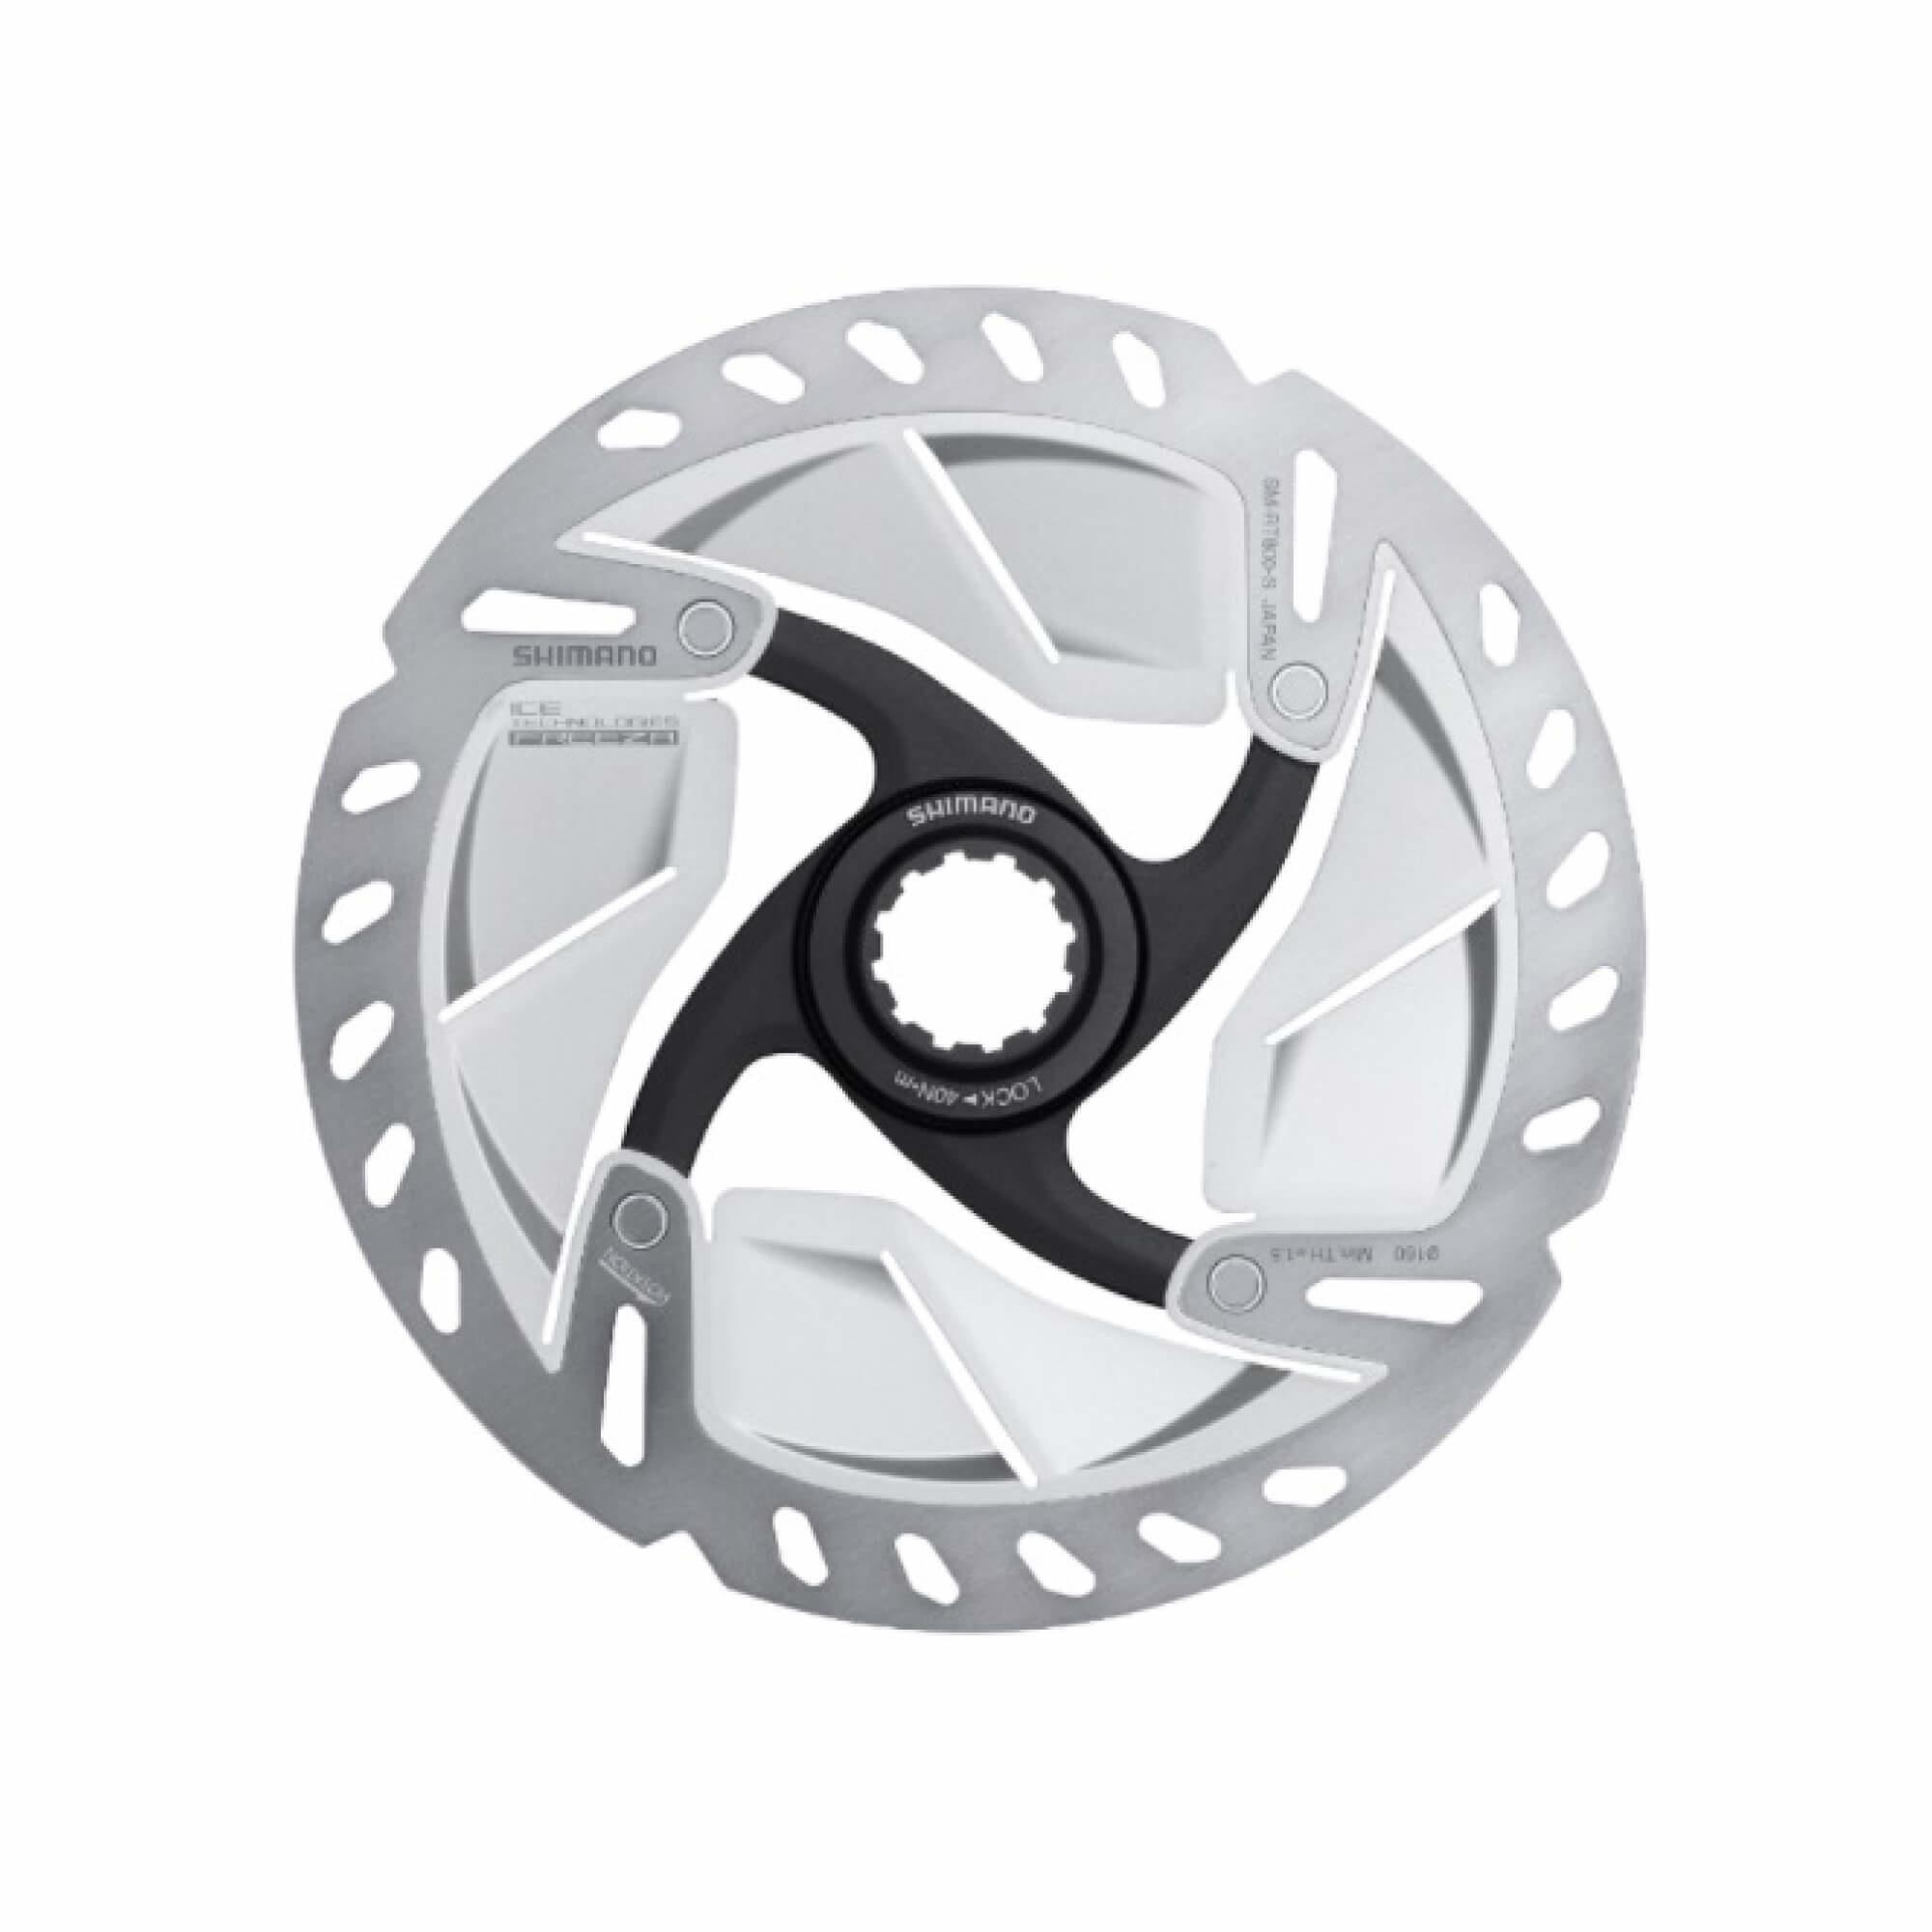 SM-RT800 Disc Brake Rotor Ultegra Centerlock-1